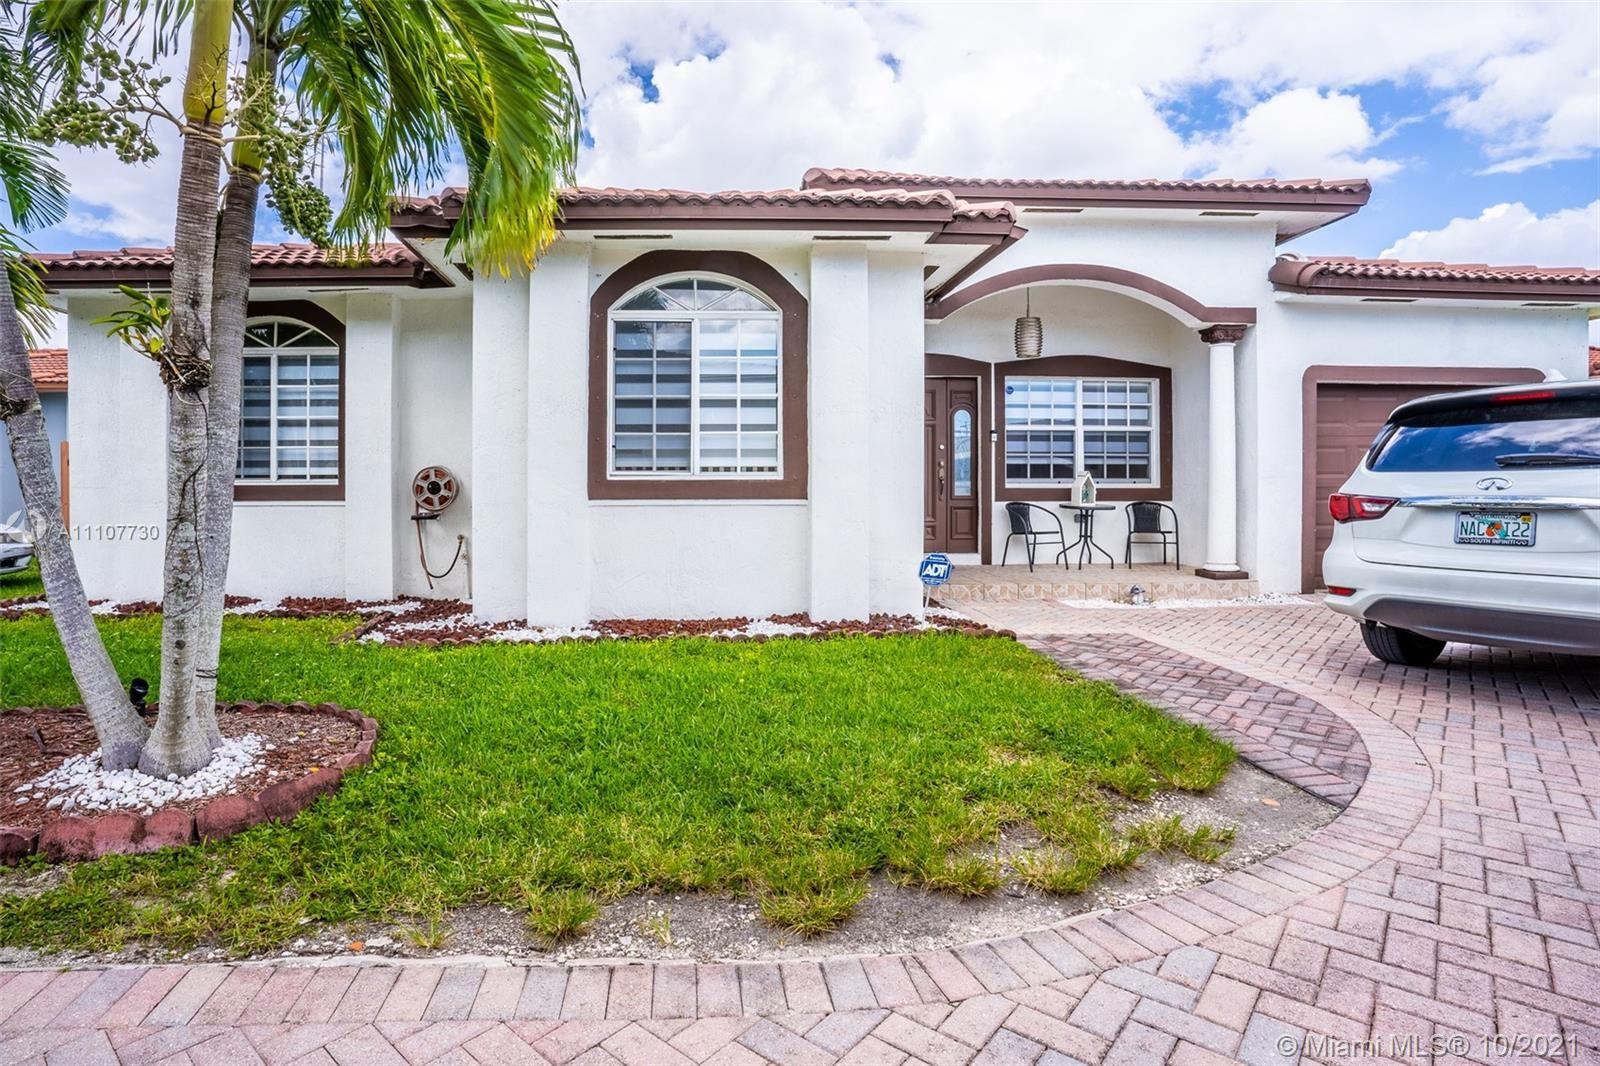 21245 SW 123rd Ct, Miami, FL 33177 - #: A11107730